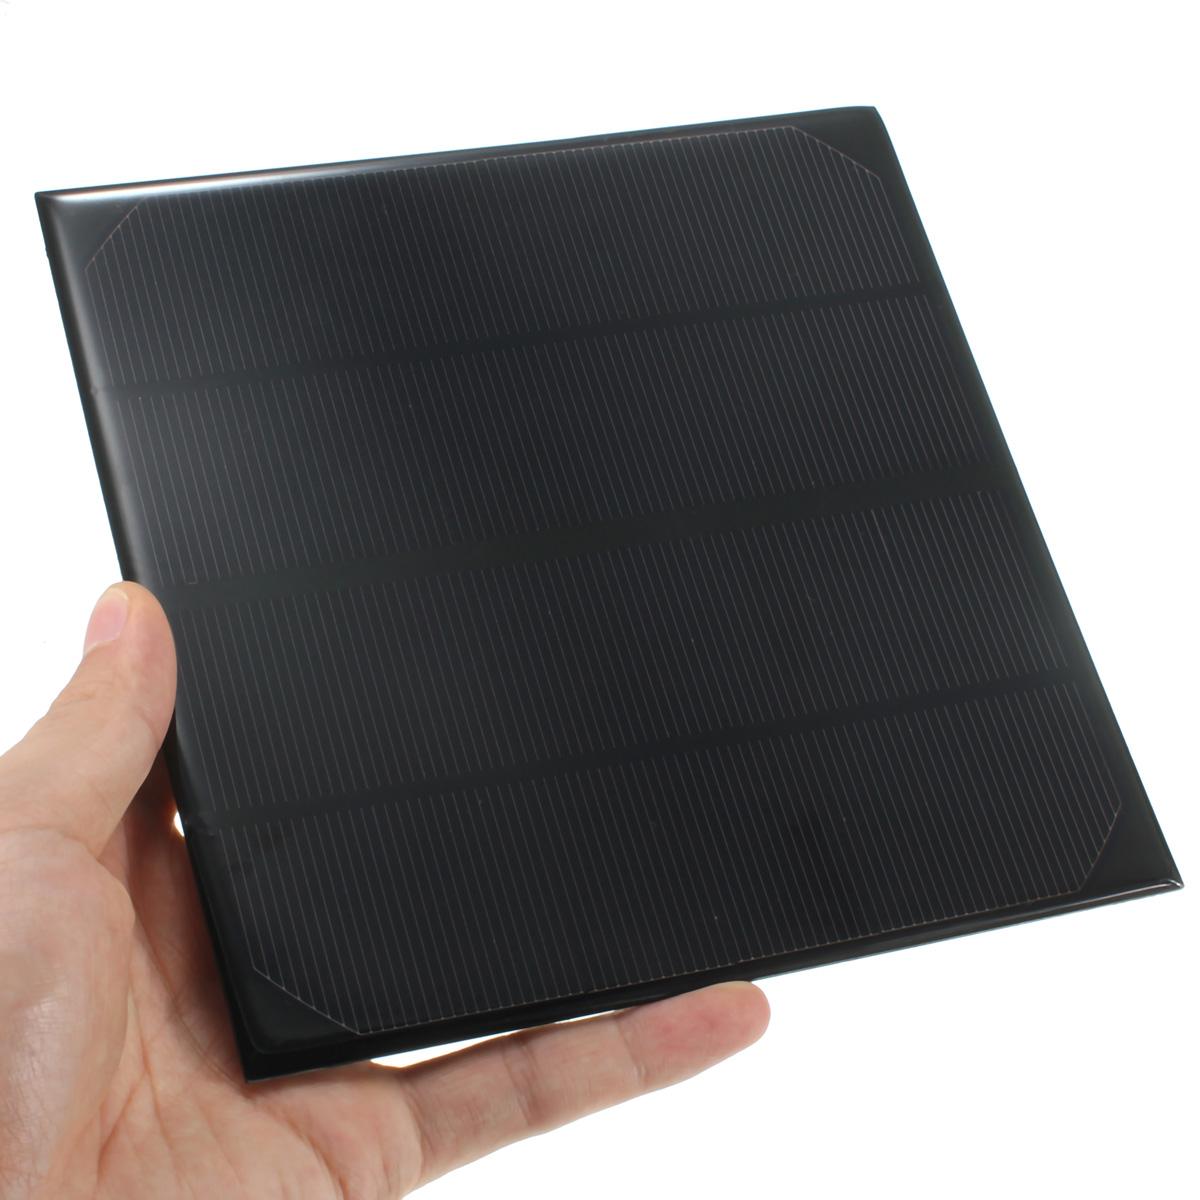 Pannello Solare Auto : Molti tipi pannello solare fotovoltaico ideale for auto